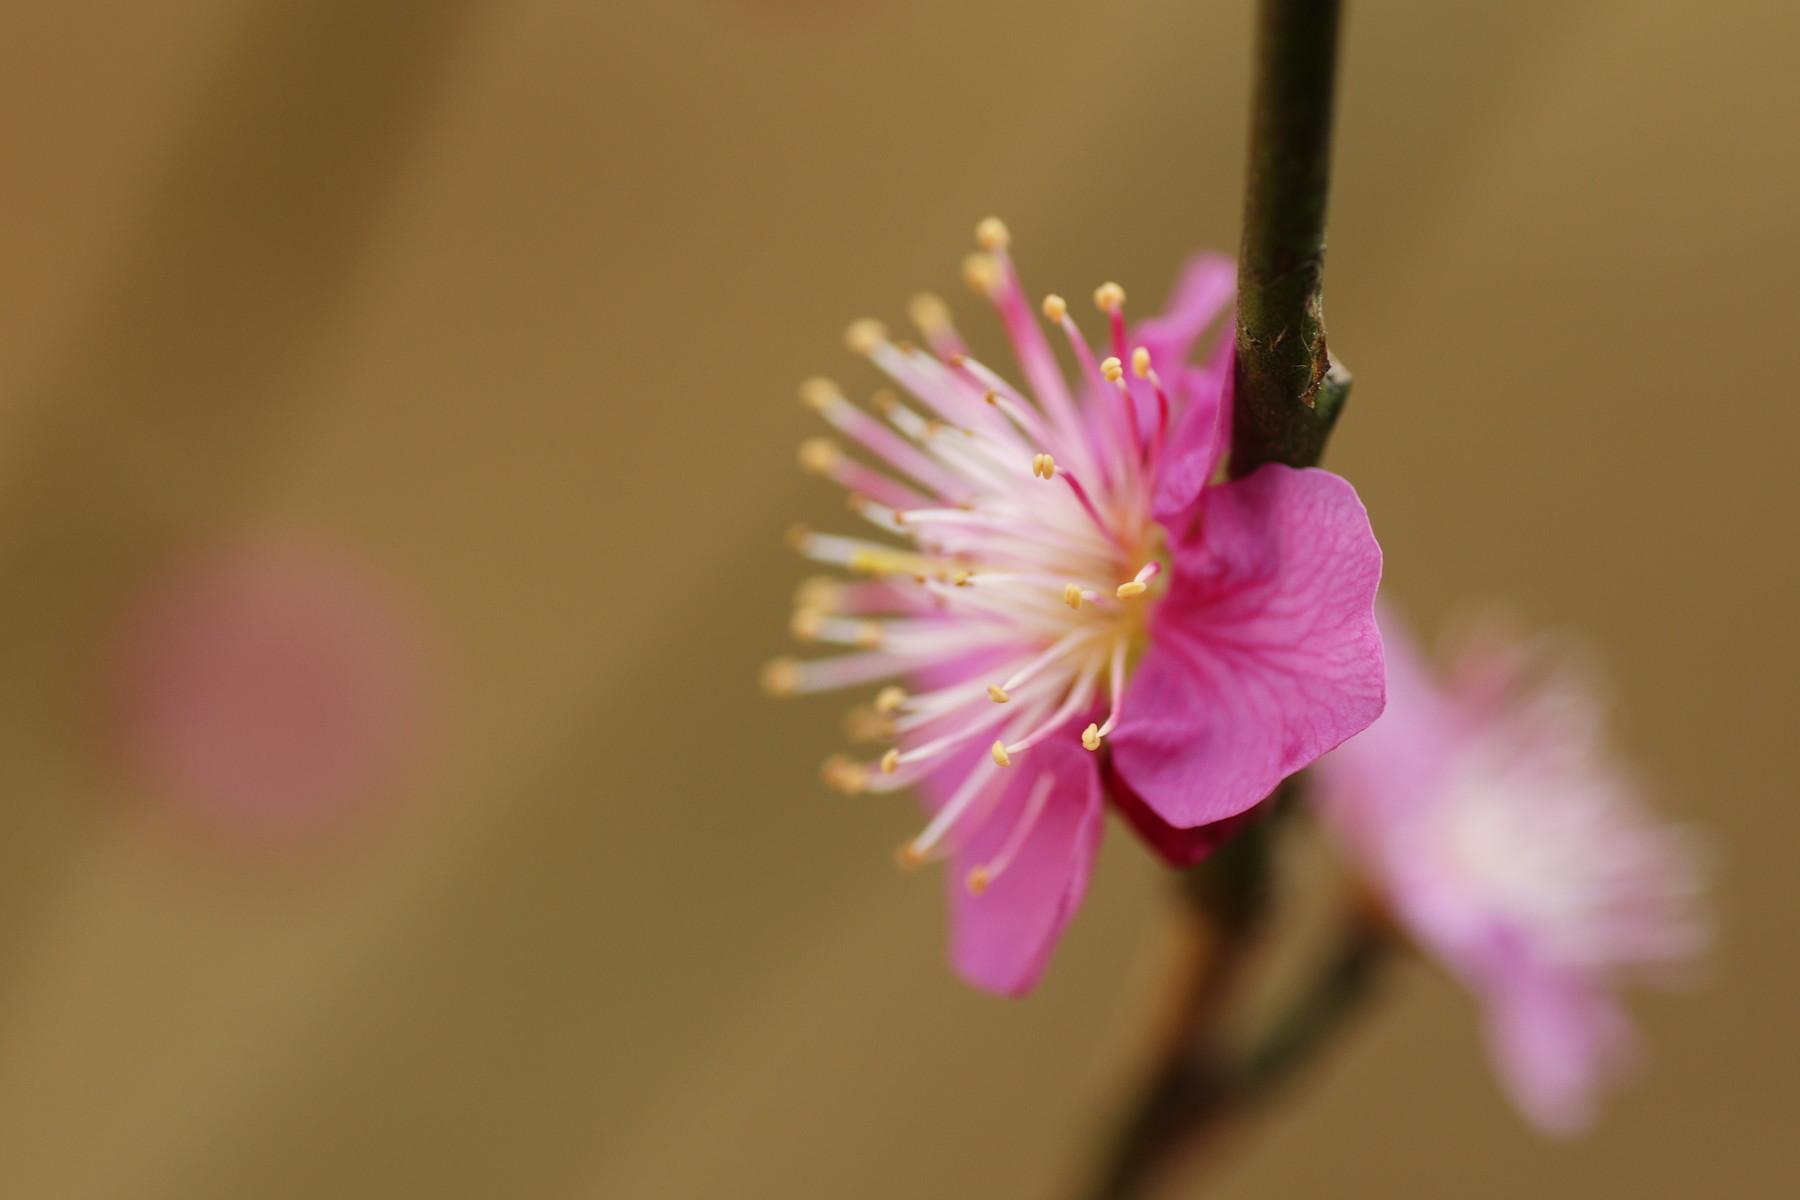 古いカメラとレンズで桜と梅を撮る_f0381792_11235729.jpg